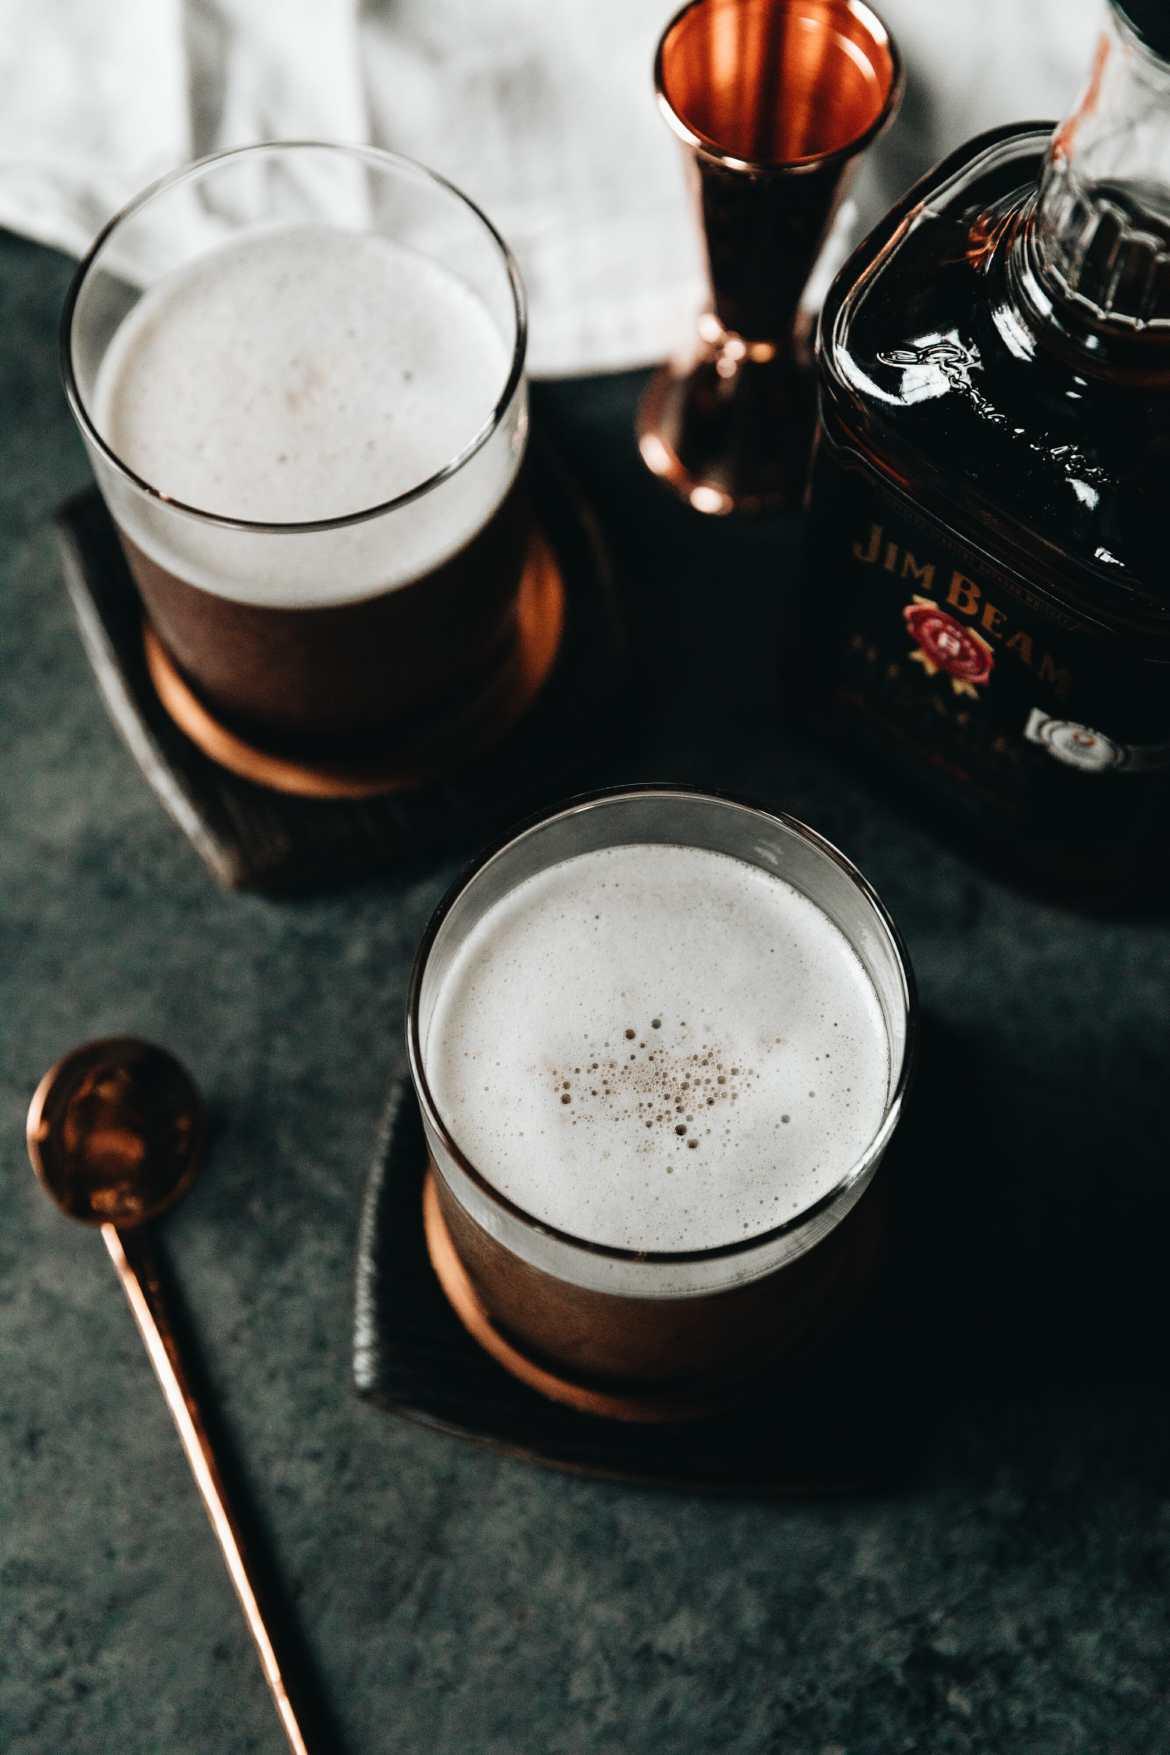 jim beam black cocktail